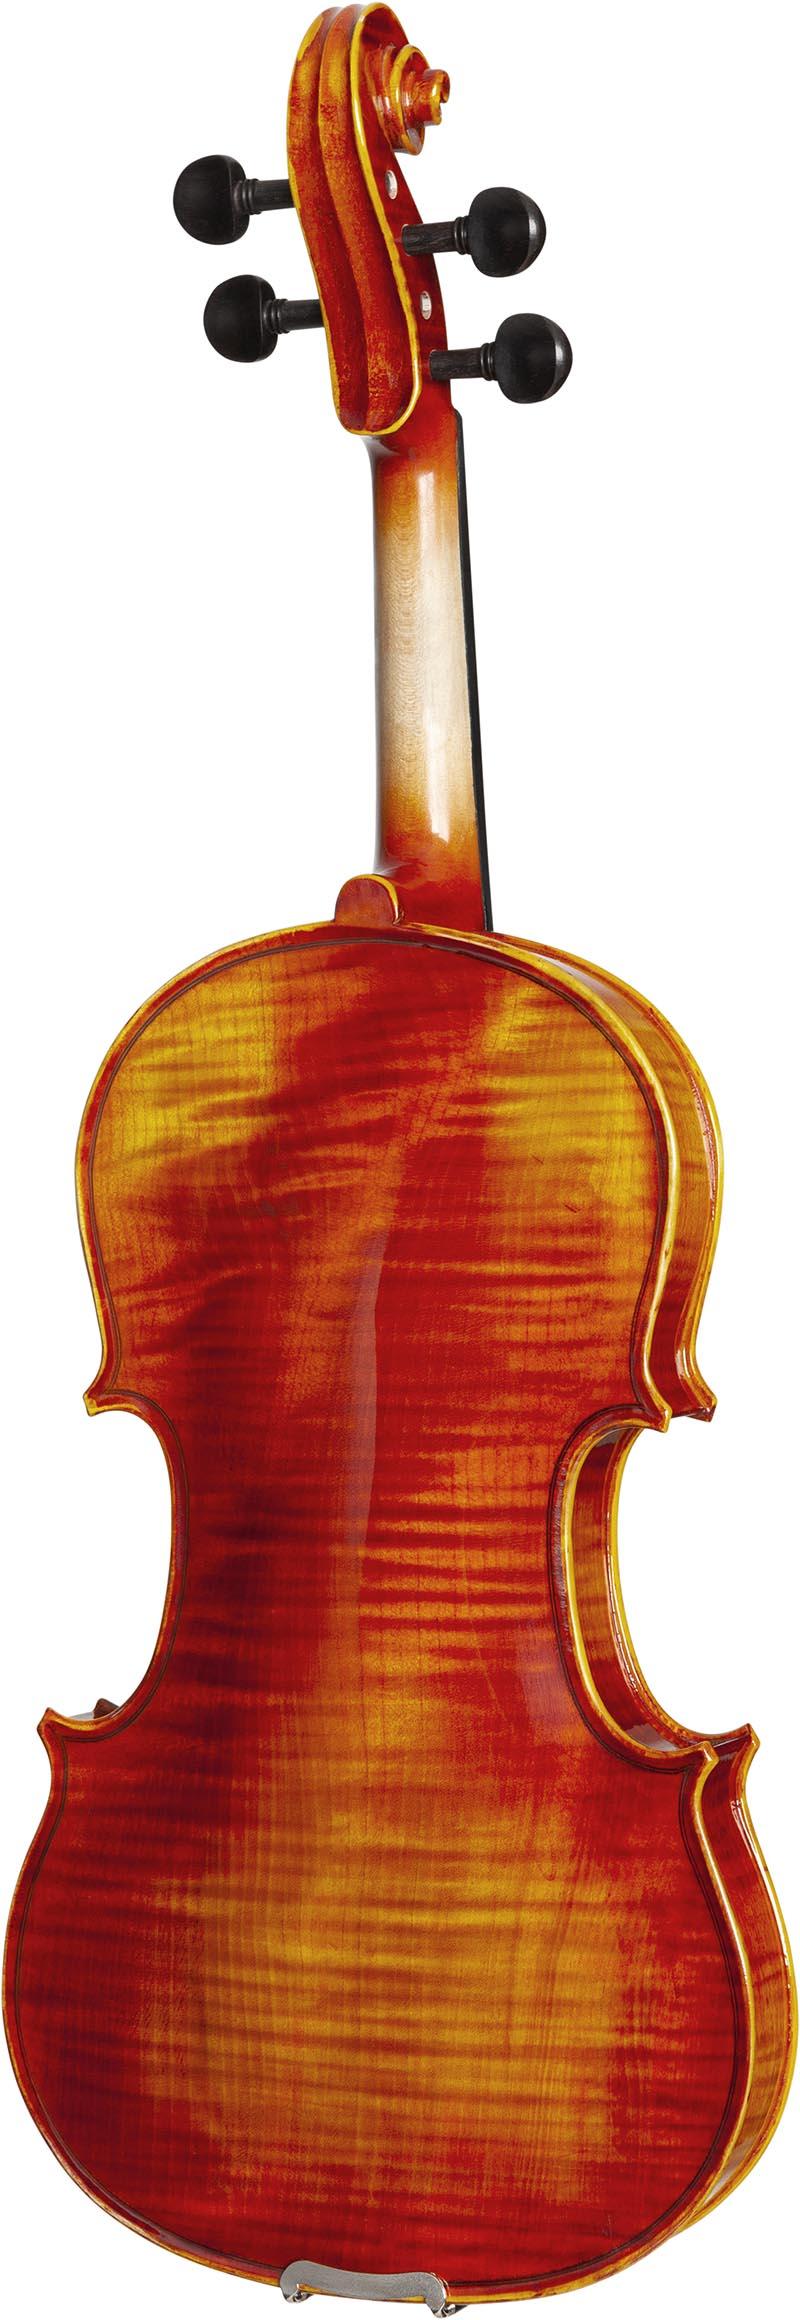 ve845 violino eagle ve845 visao posterior vertical